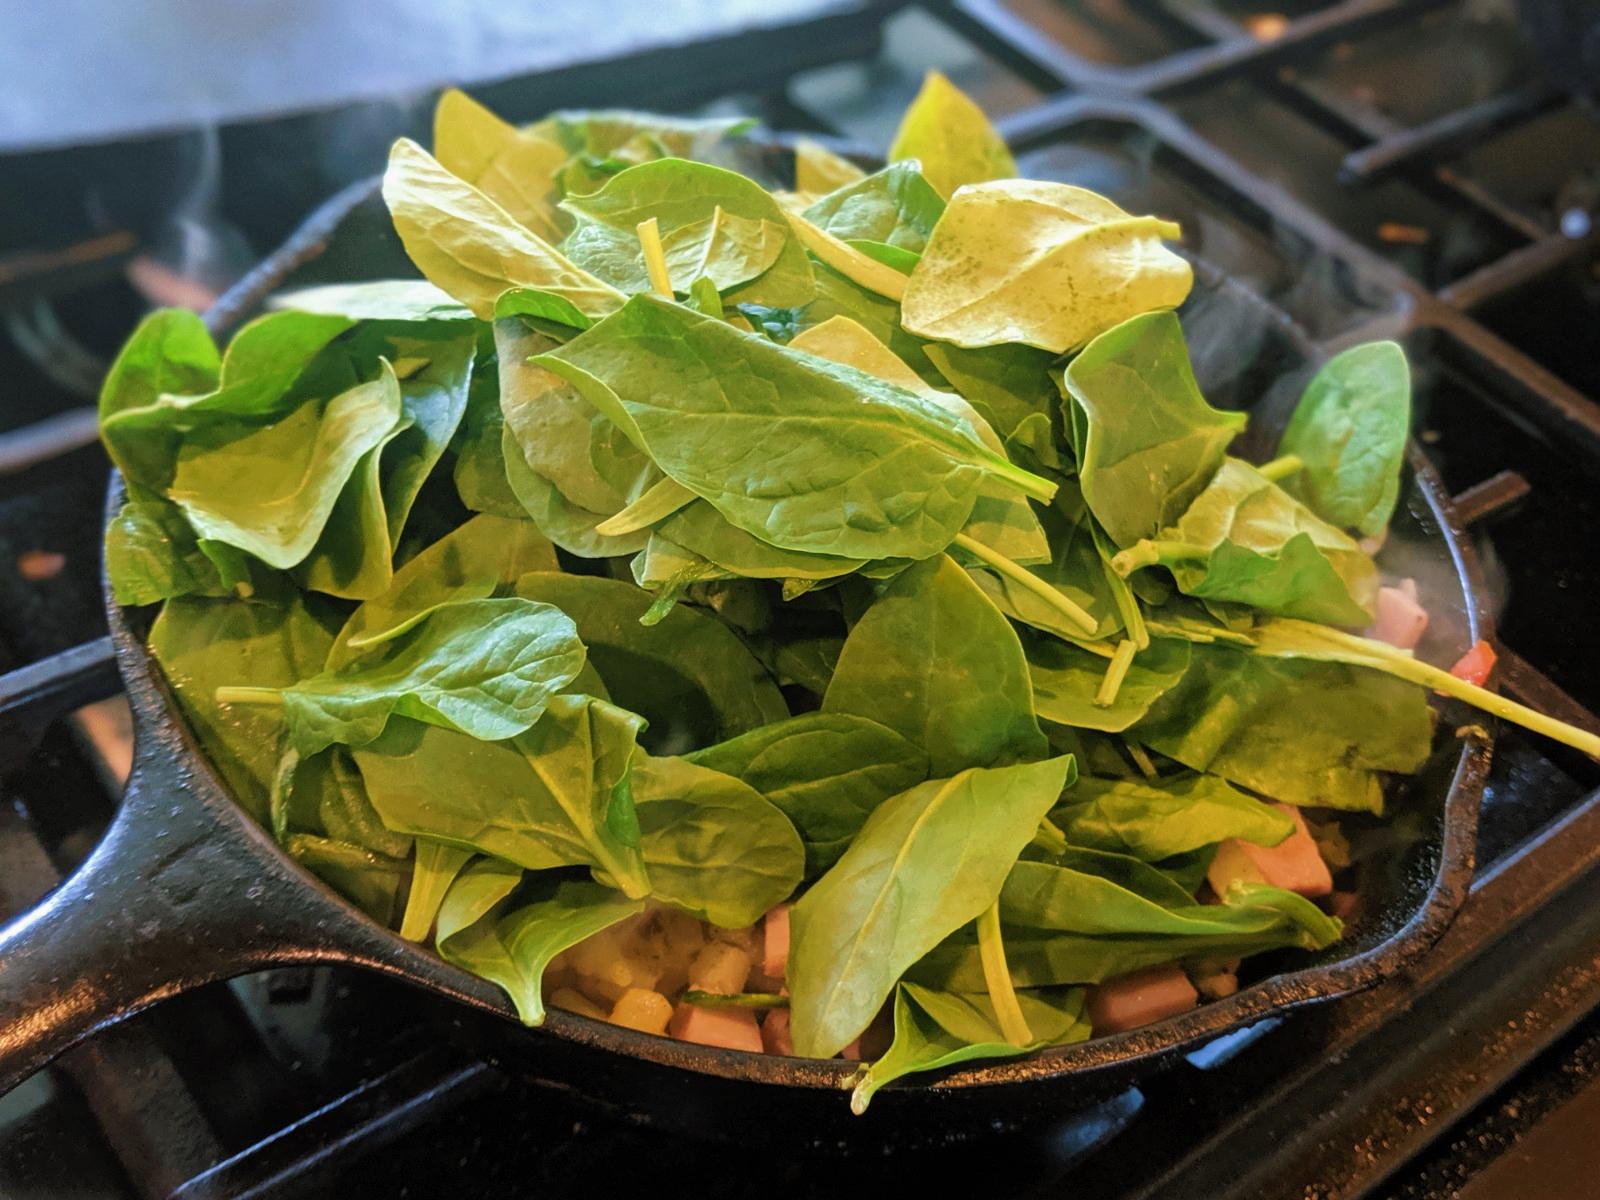 fritata spinach.jpg